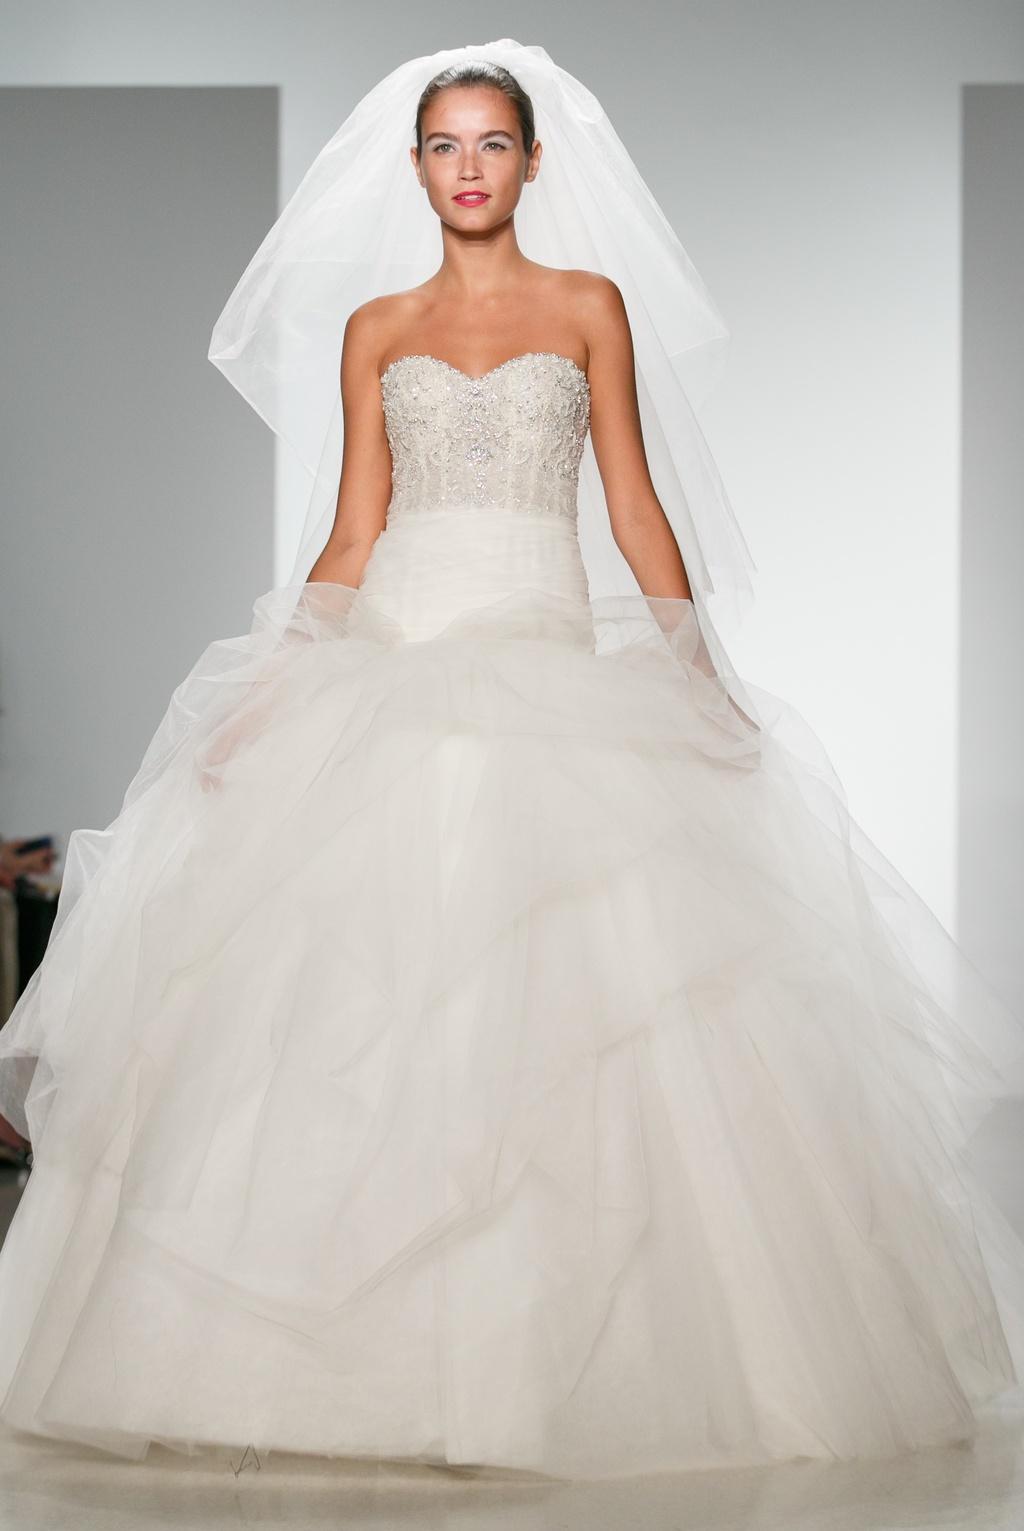 Kenneth-pool-wedding-dress-spring-2014-bridal-sonya.full